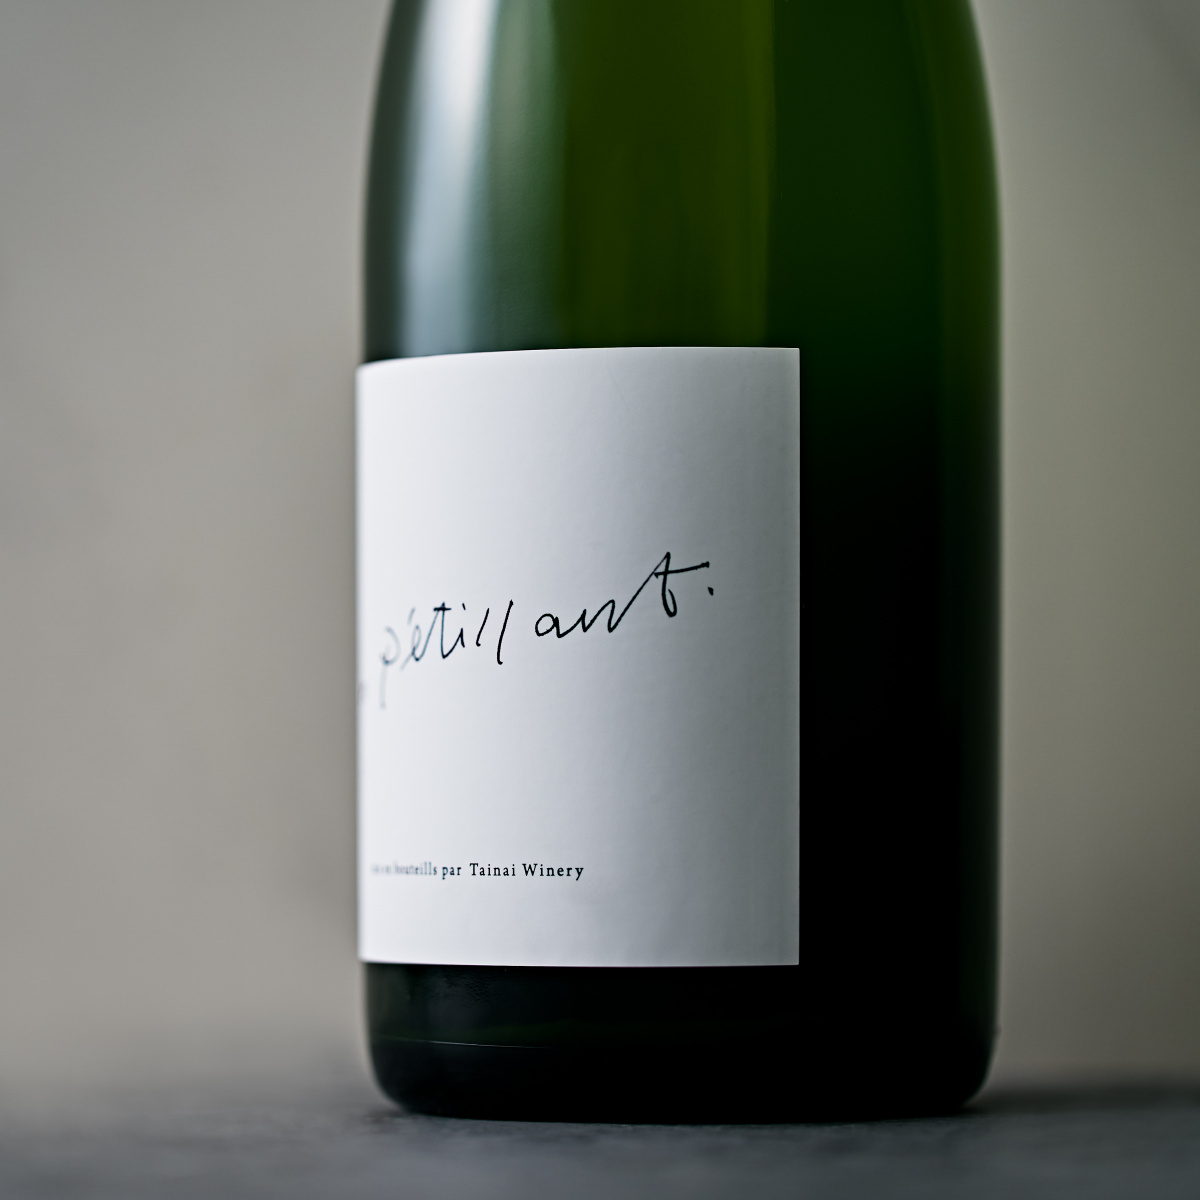 白、ロゼ、自然派まで、高コスパで極旨な日本のスパークリングワイン5本はこれだ!